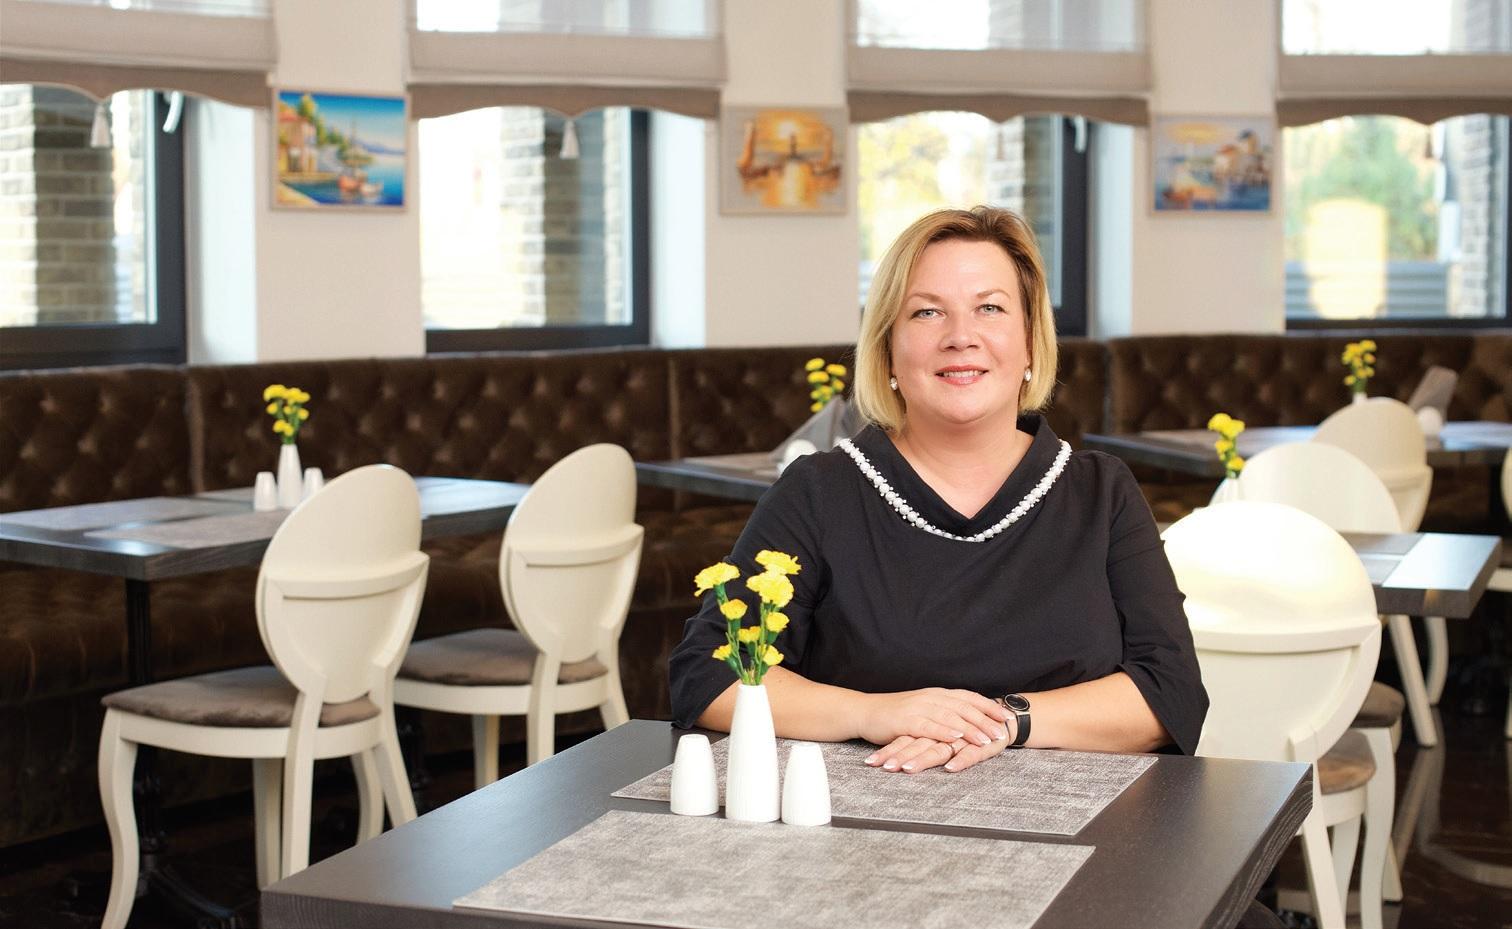 Restorano vadovė Kristina Chatkevičienė